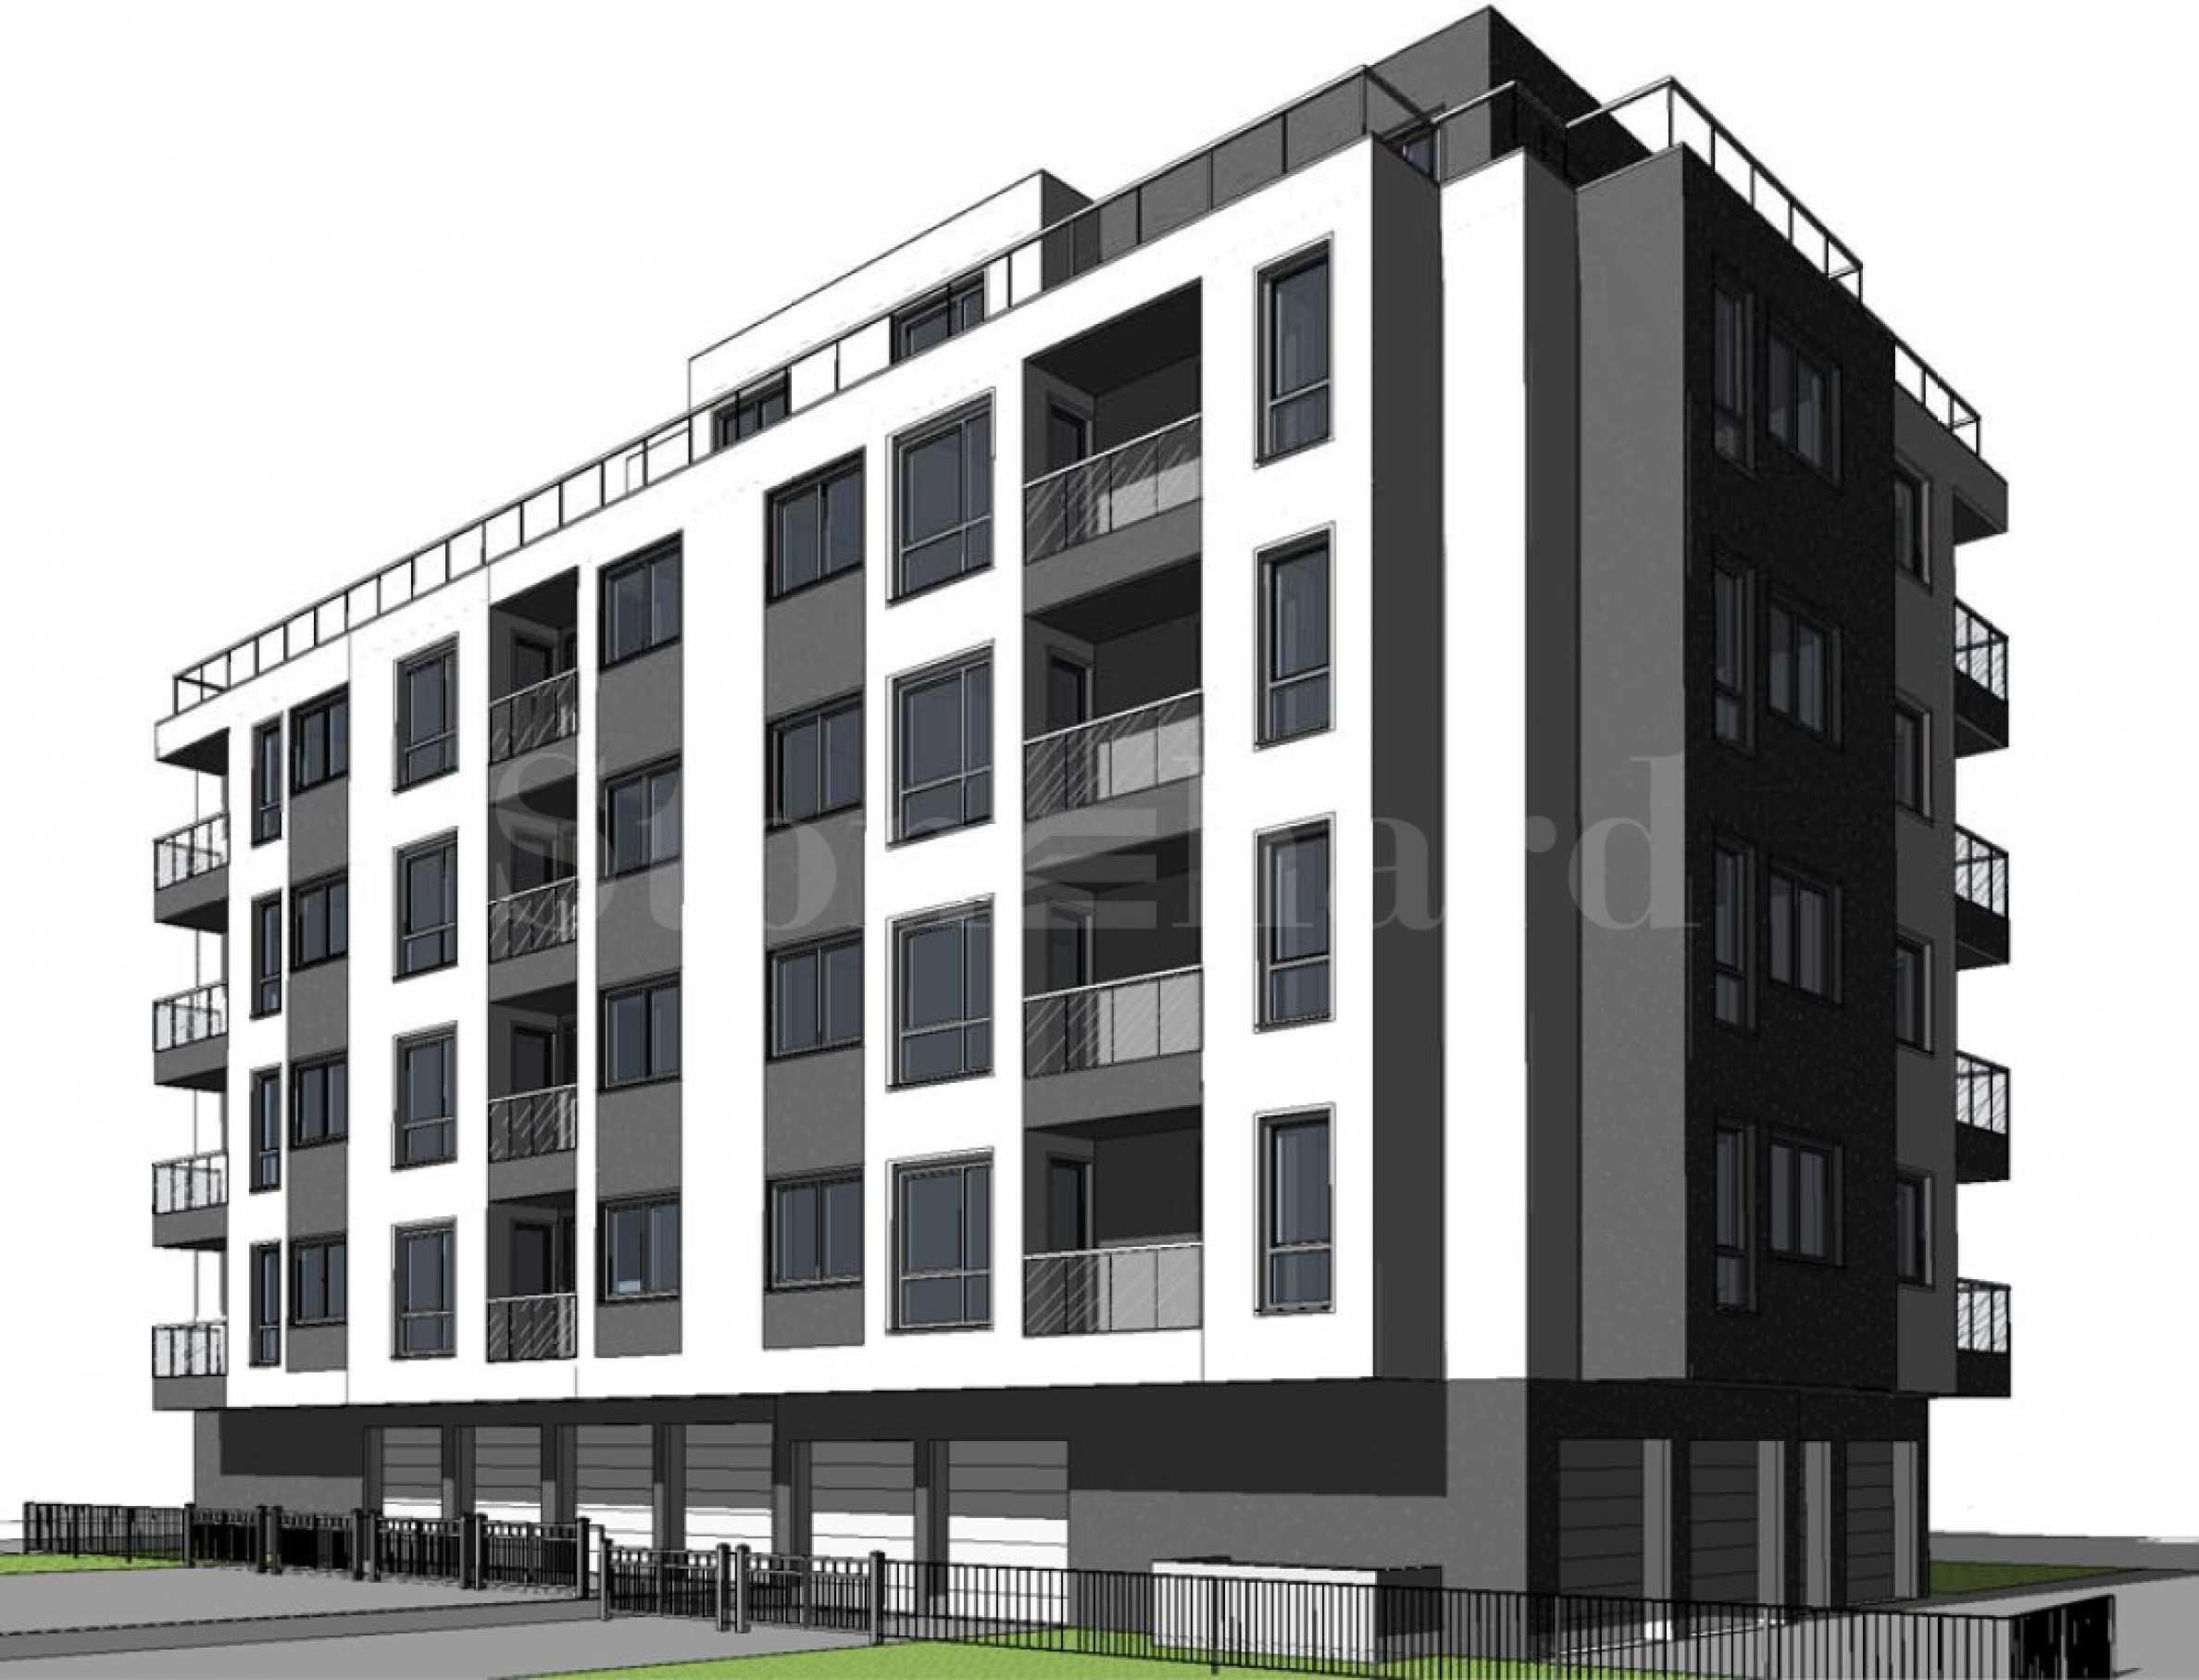 Луксозен комплекс със собствена градина в предпочитан за живеене квартал1 - Stonehard